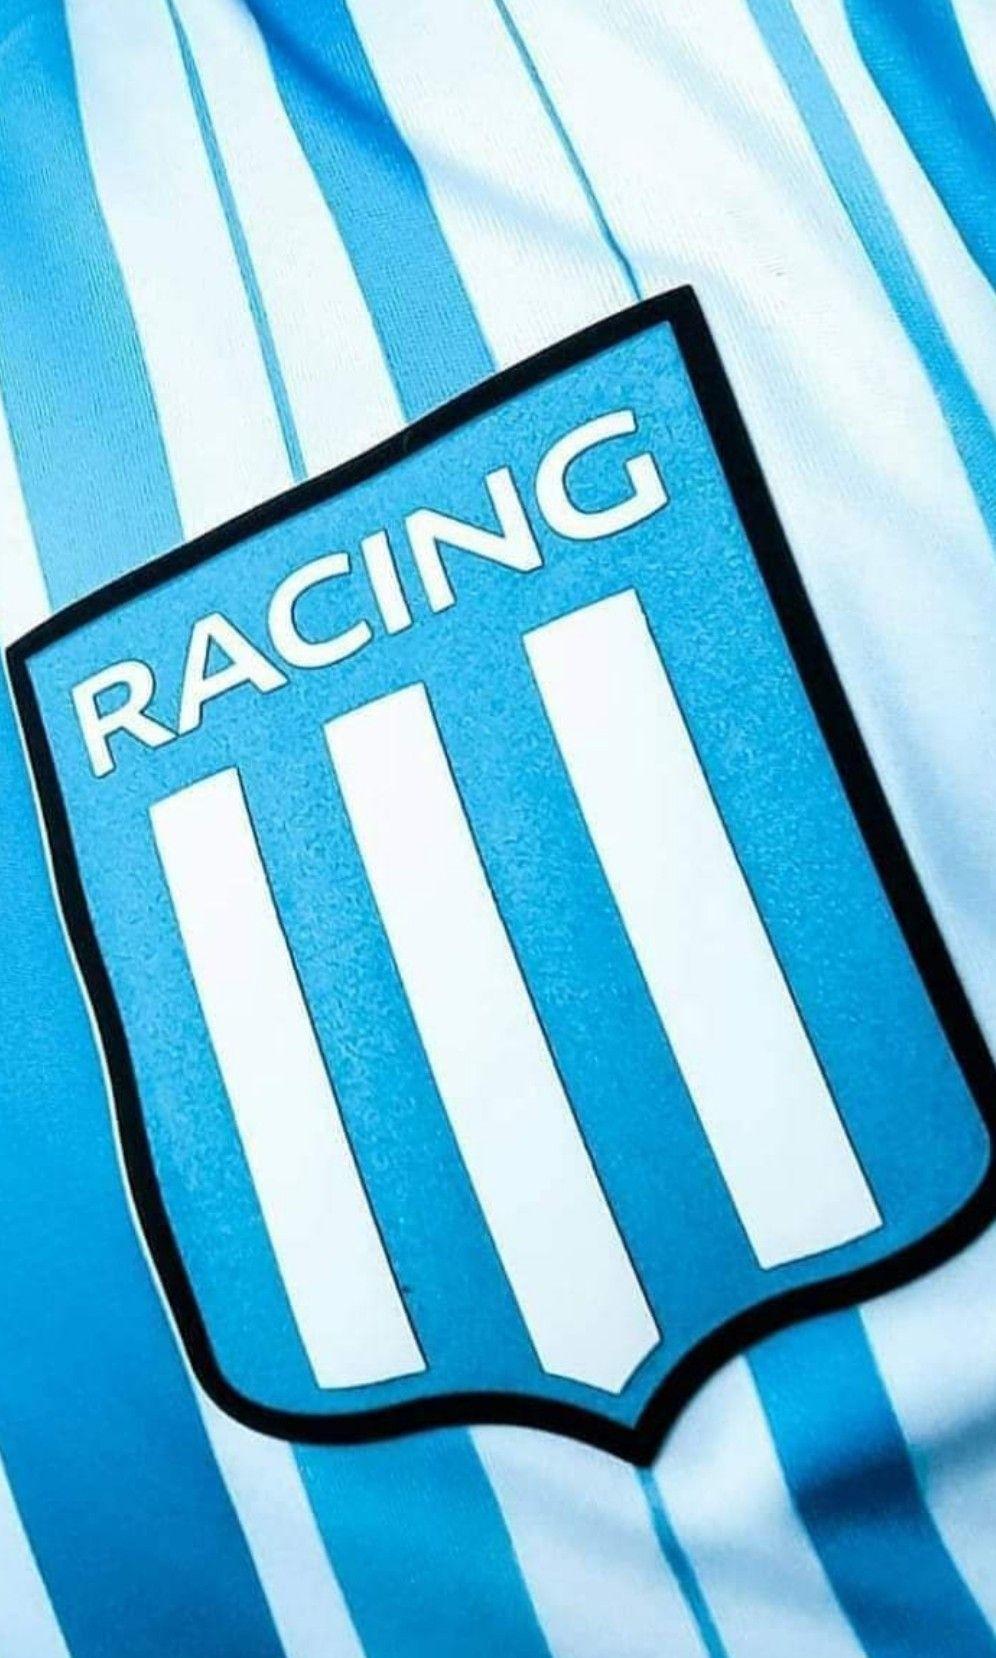 Pin De Agus Fw En Online Marketing Club Atlético Racing Club Equipo De Fútbol Fotos De Fútbol